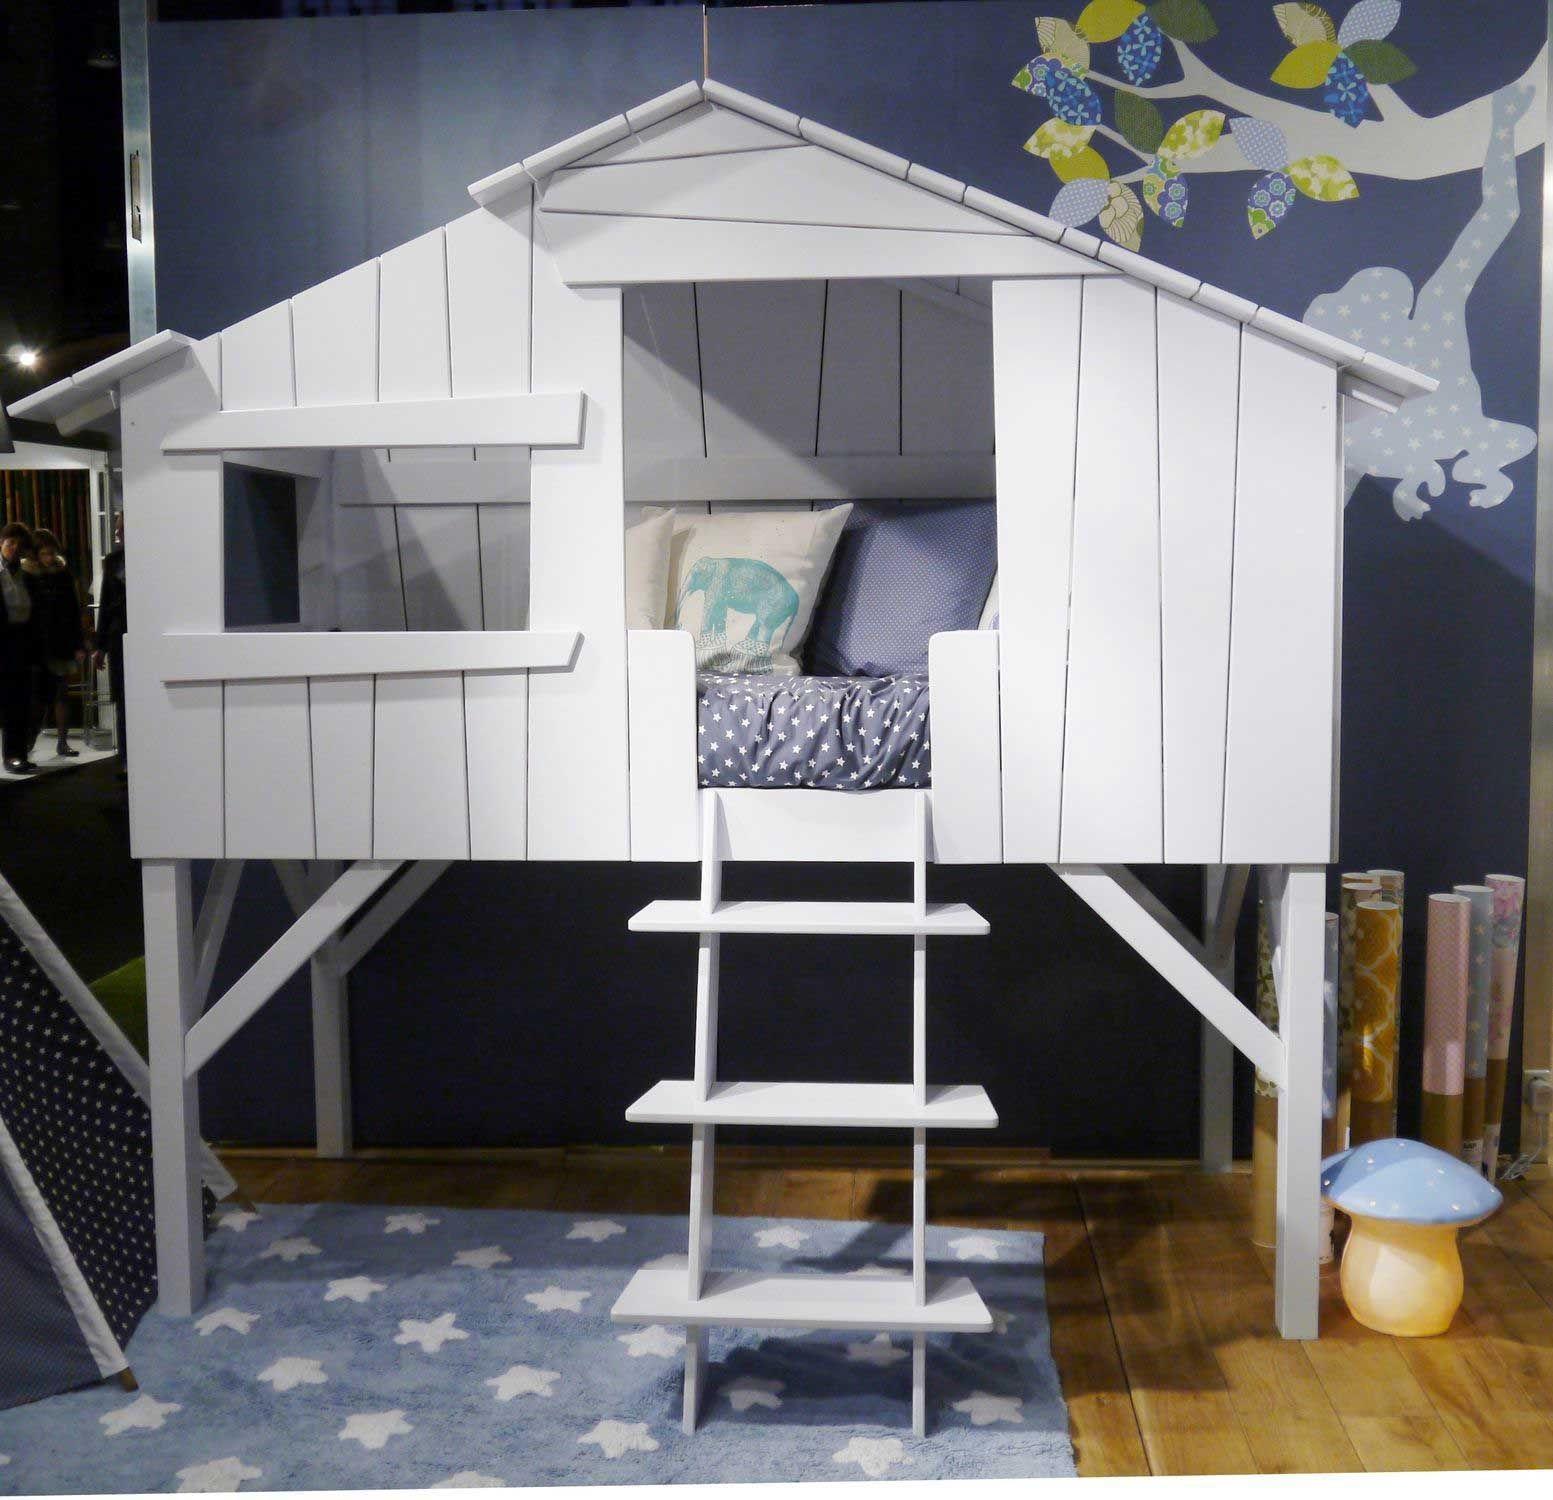 кровать-домик для детей дизайн